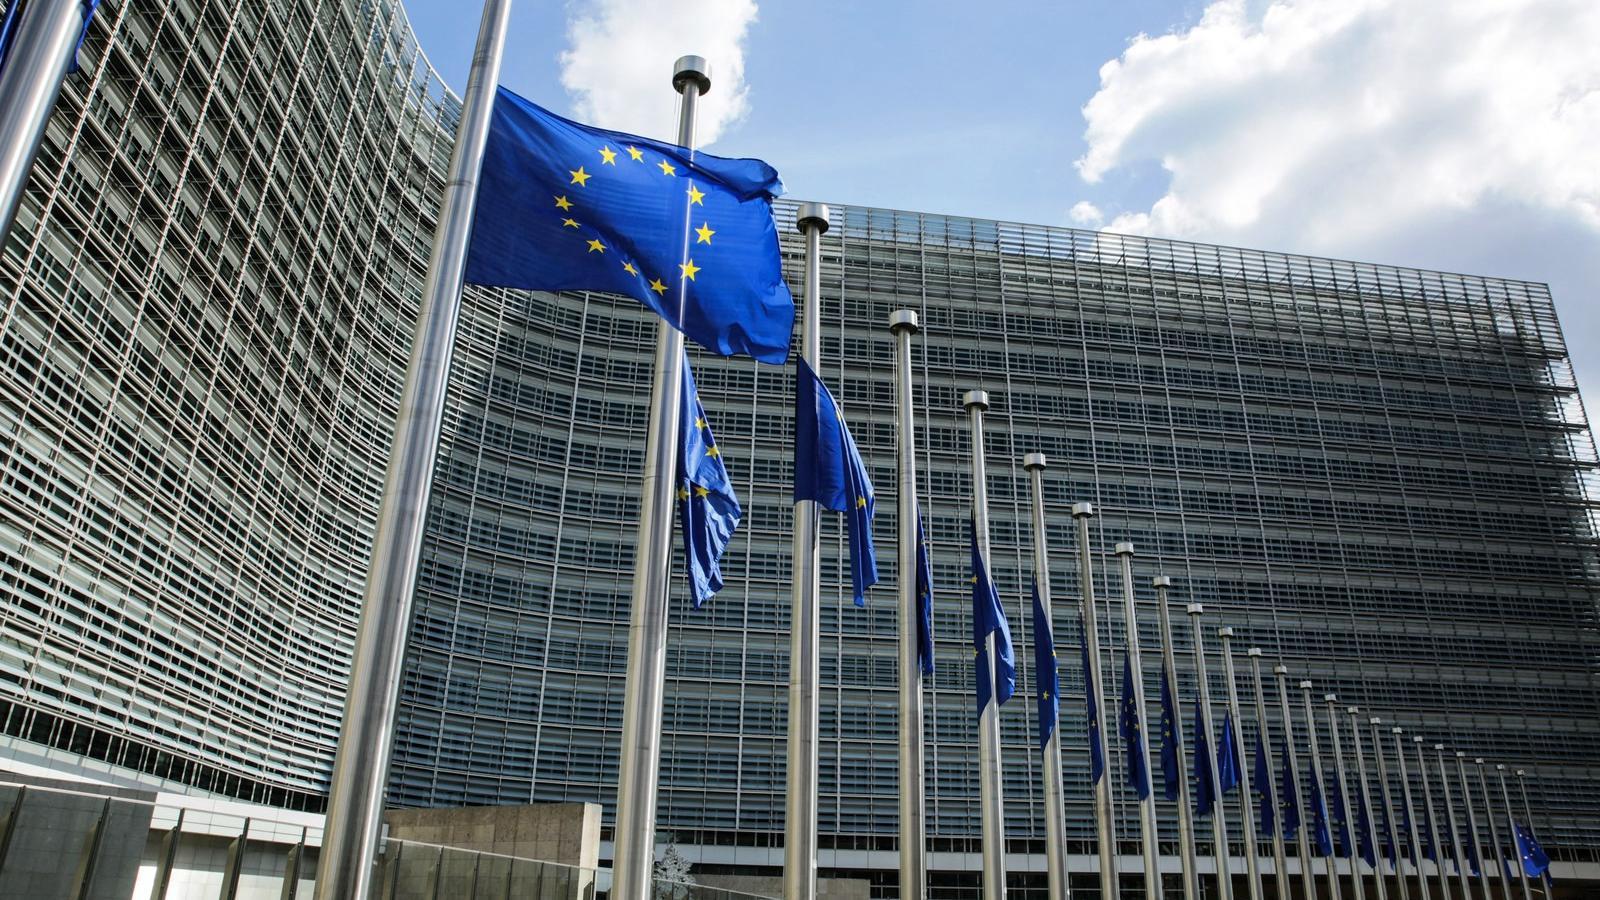 """Képtalálat a következőre: """"Jogállamiság: Az Európai Bizottság újabb lépést tesz a lengyel Legfelsőbb Bíróság függetlenségének védelme érdekében indított kötelezettségszegési eljárásban"""""""